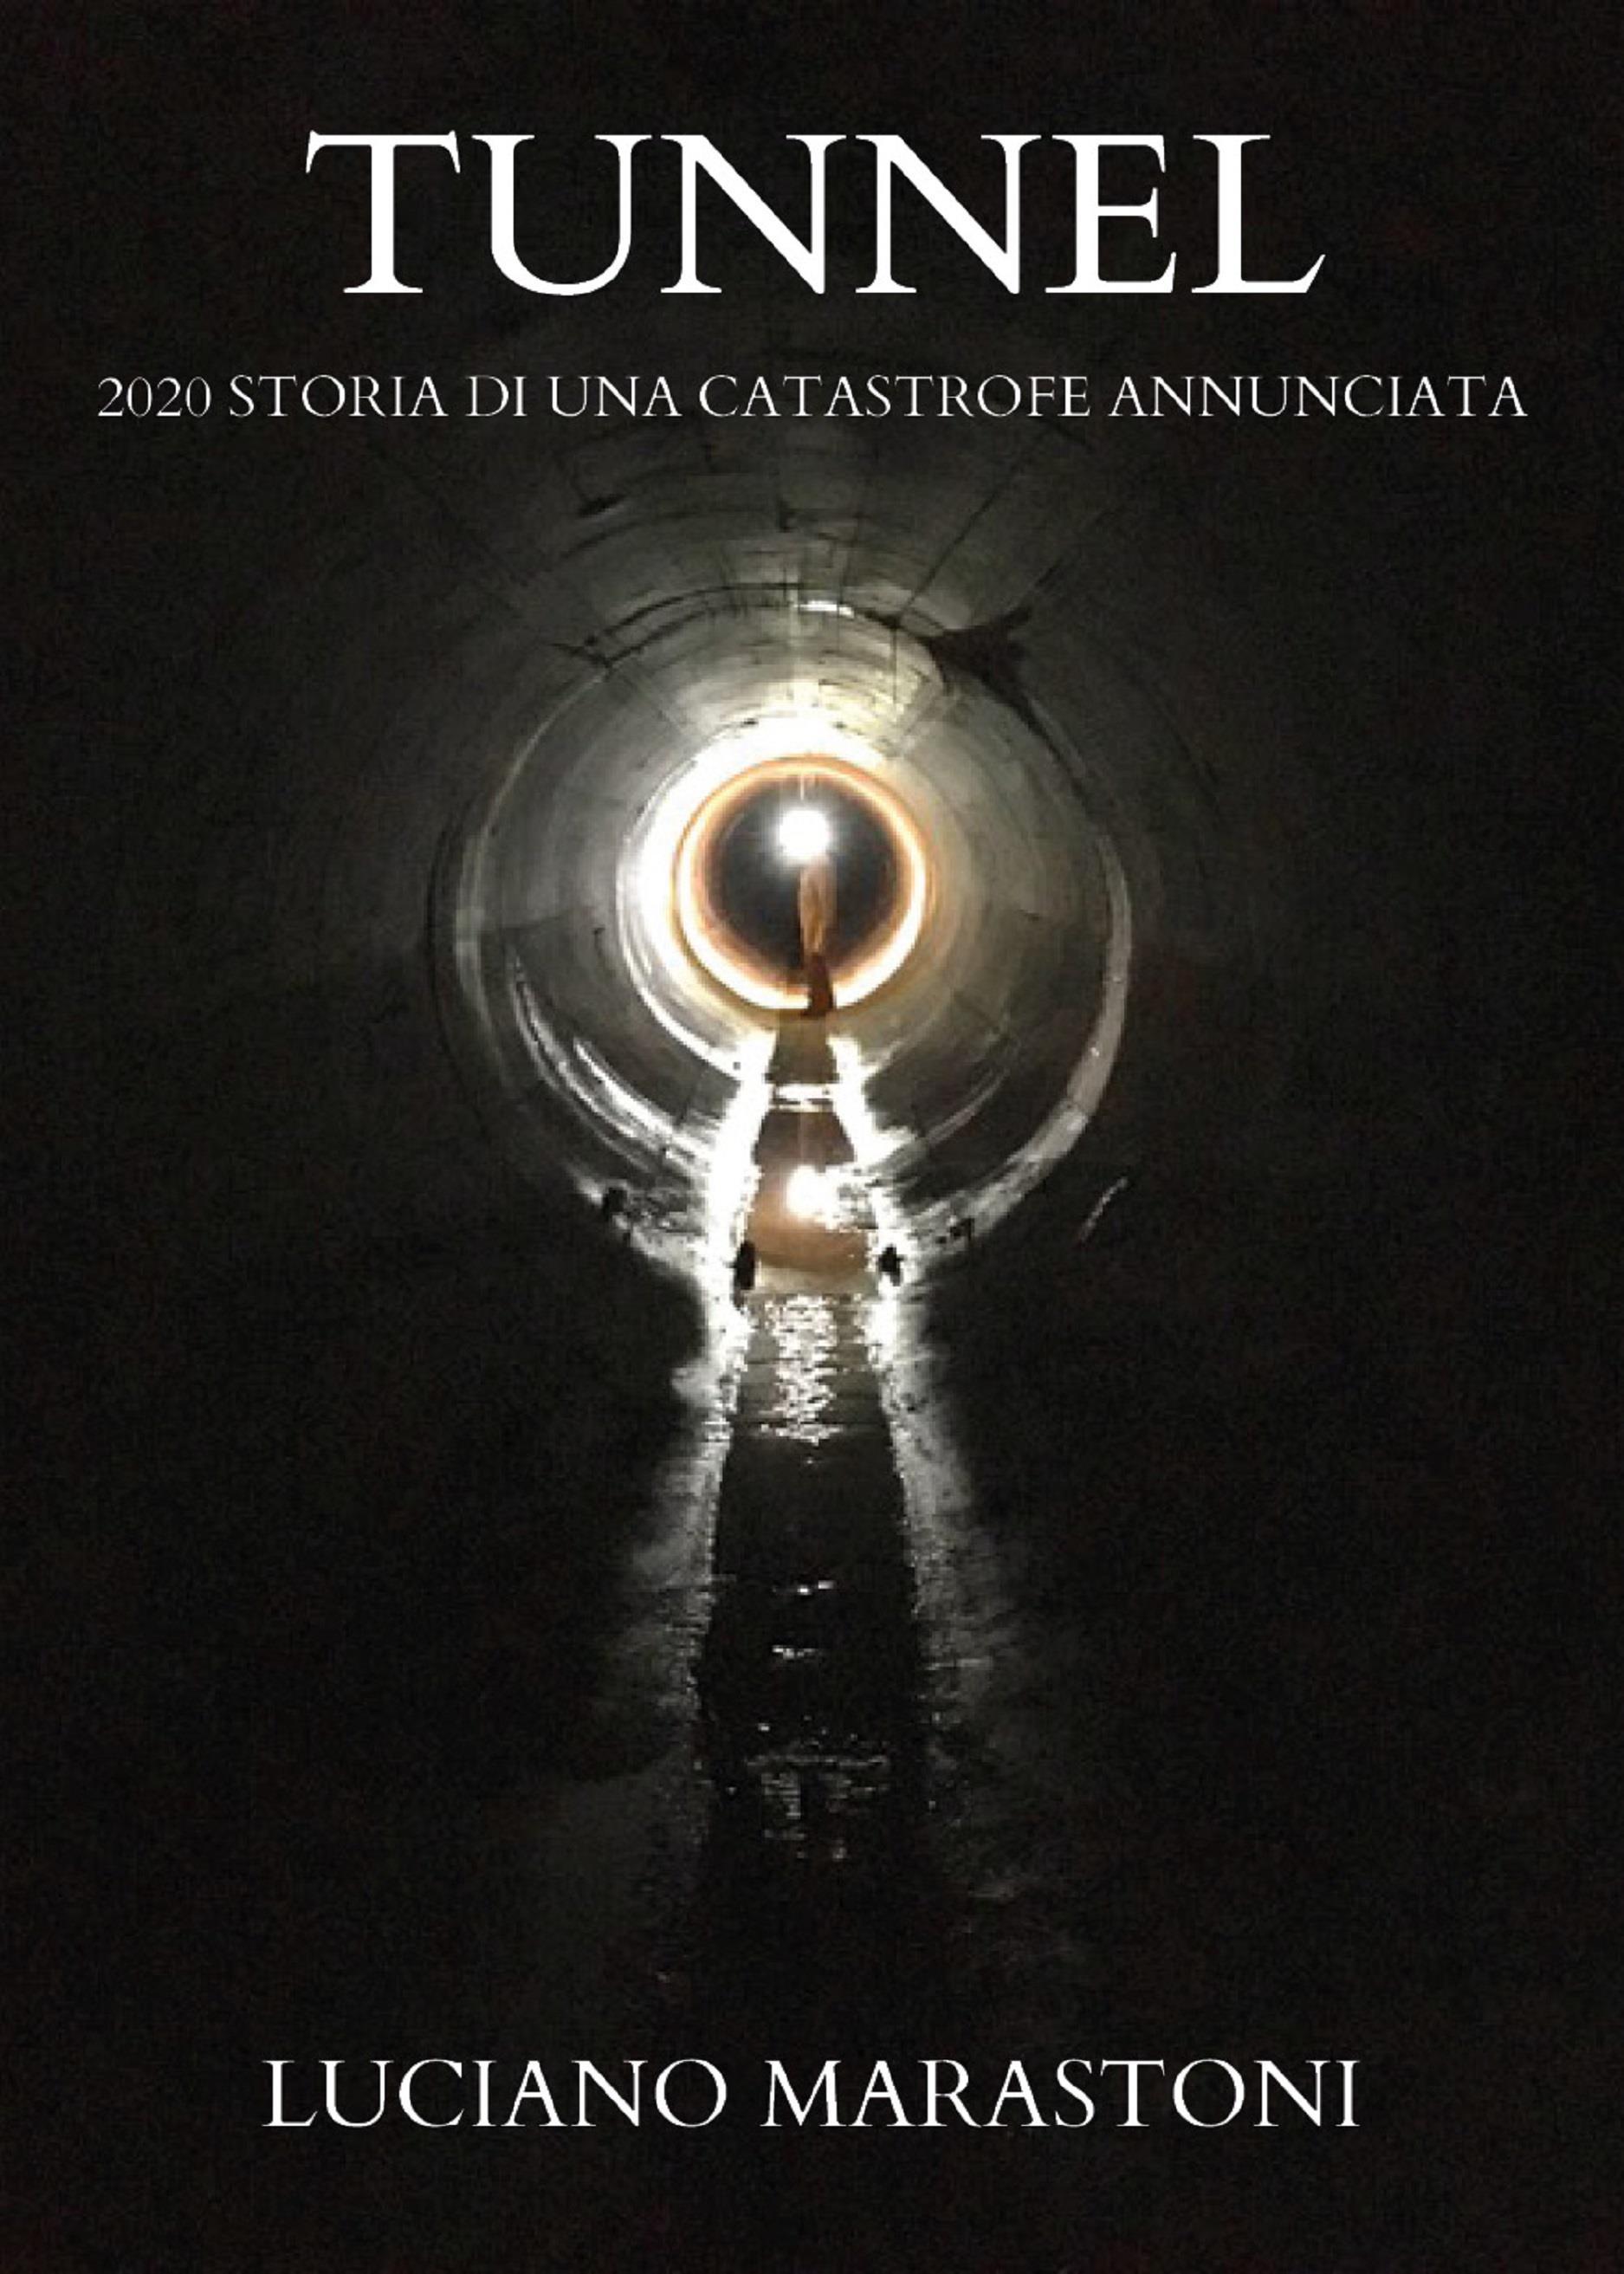 Tunnel - 2020 storia di una catastrofe annunciata